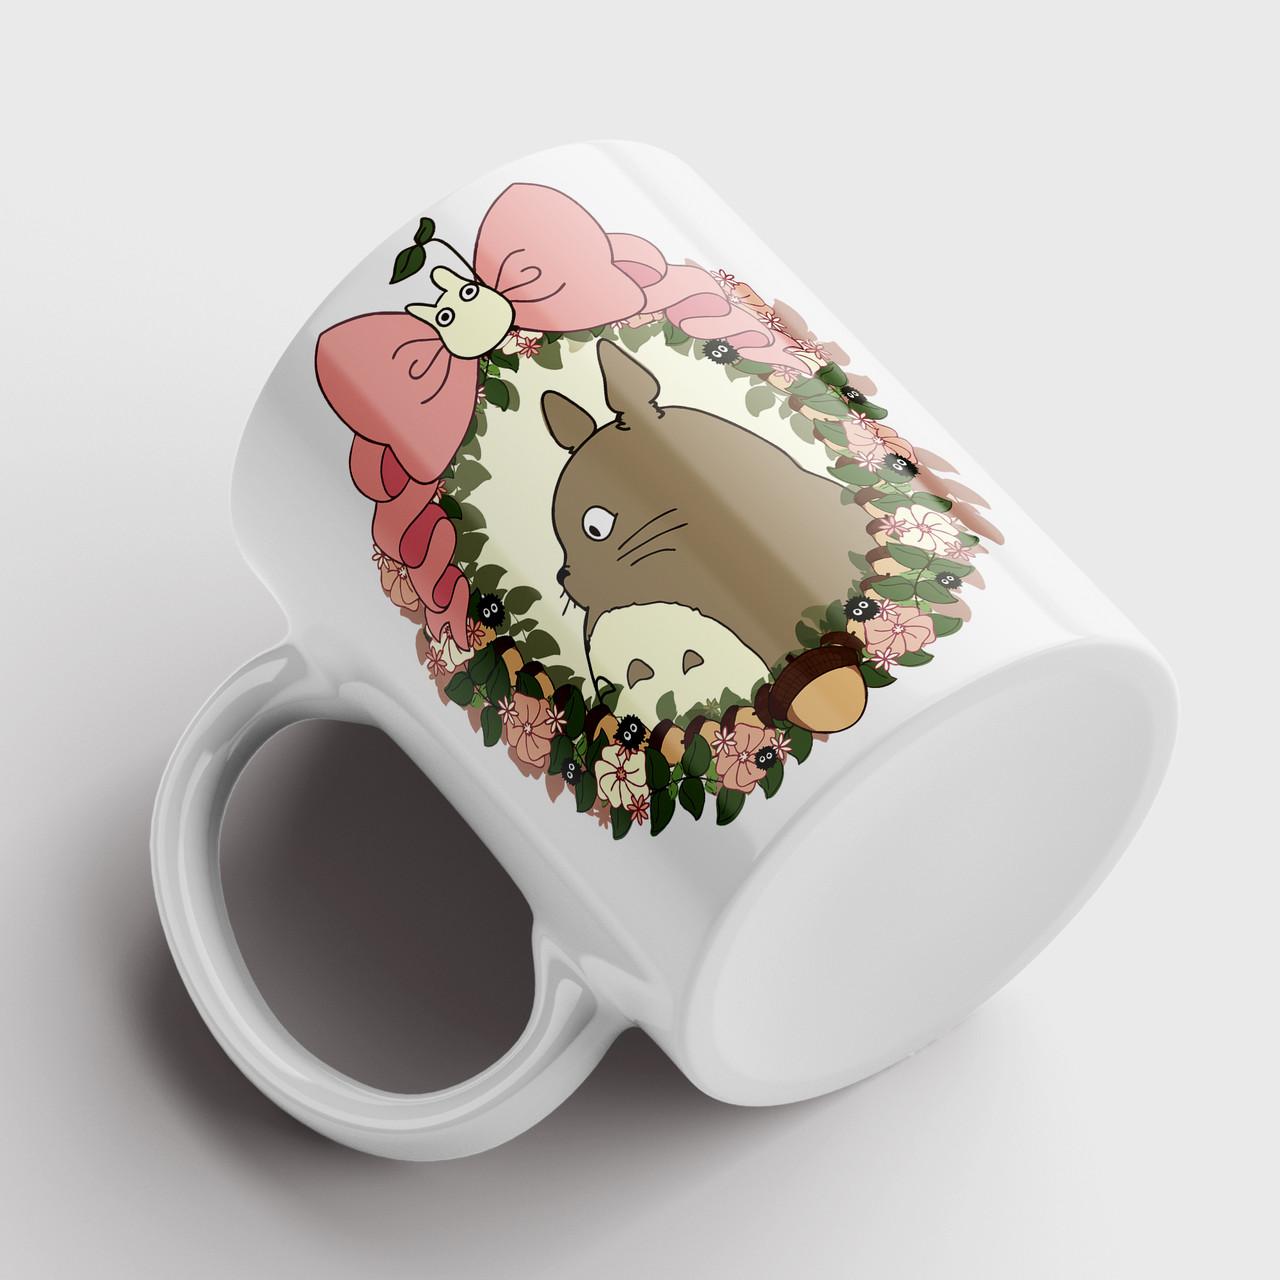 Чашка Тоторо. Аниме Мой сосед Тоторо. Totoro №11